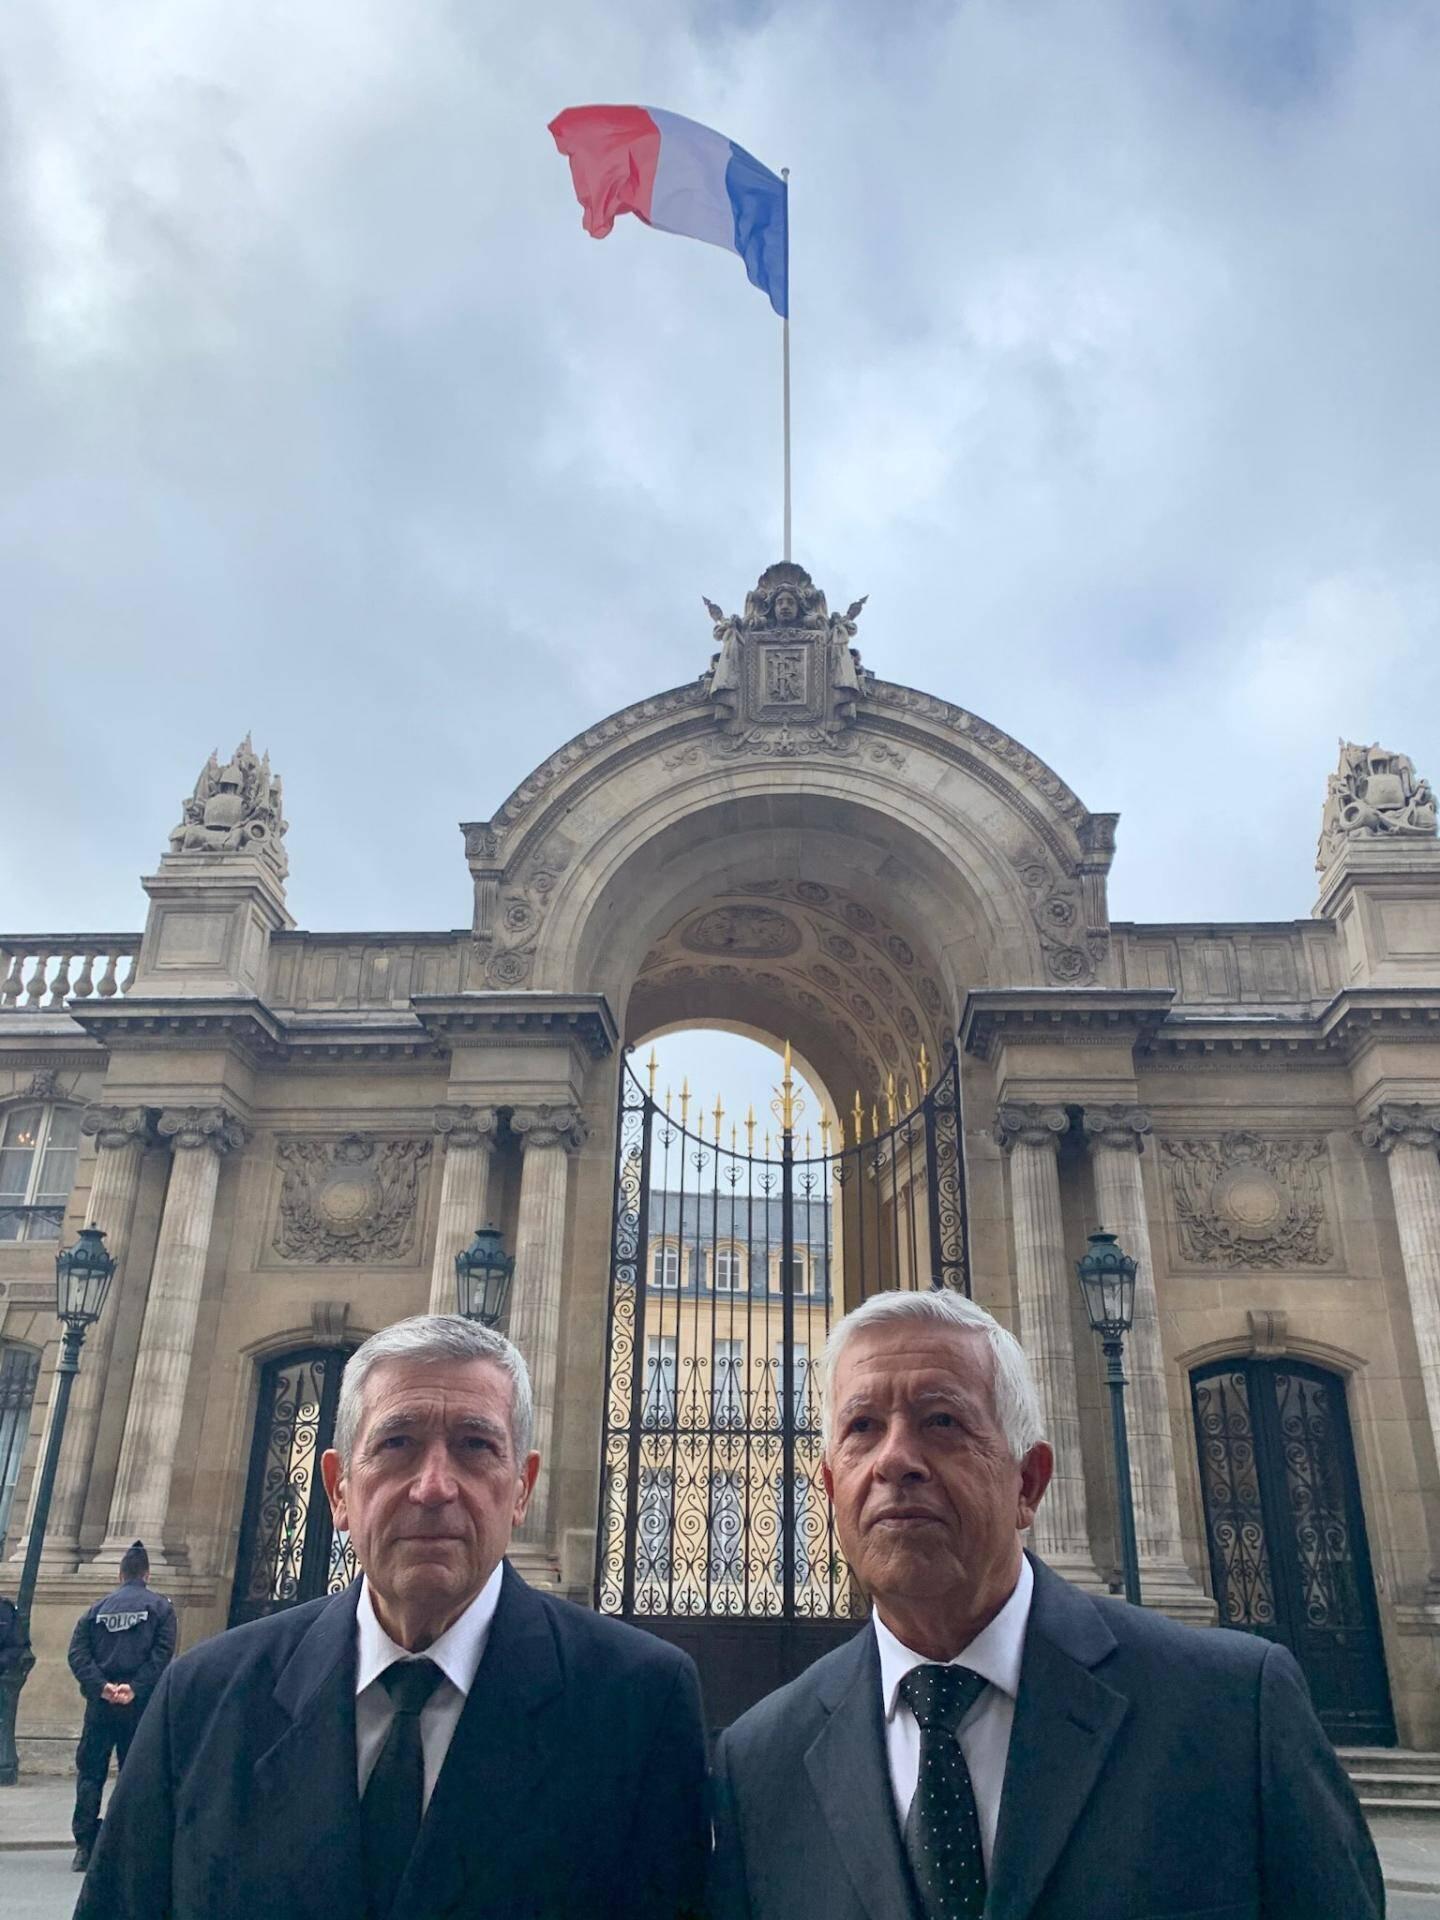 Mathieu et Louis Paoli, co fondateurs de l'association étaient accompagnés de ses avocats.